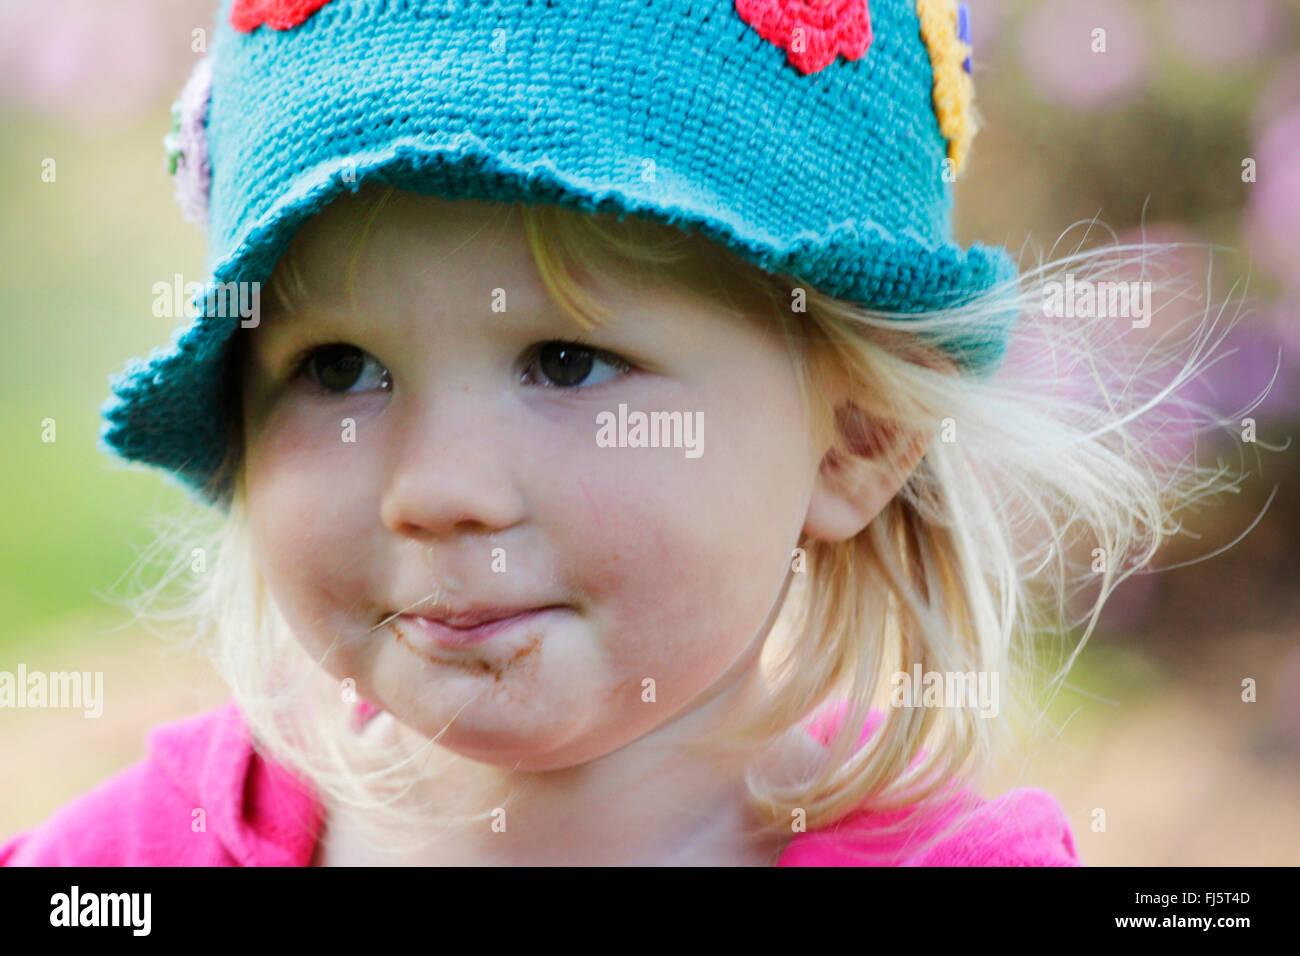 Kleines Mädchen Mit Mütze Häkeln Porträt Eines Kindes Deutschland